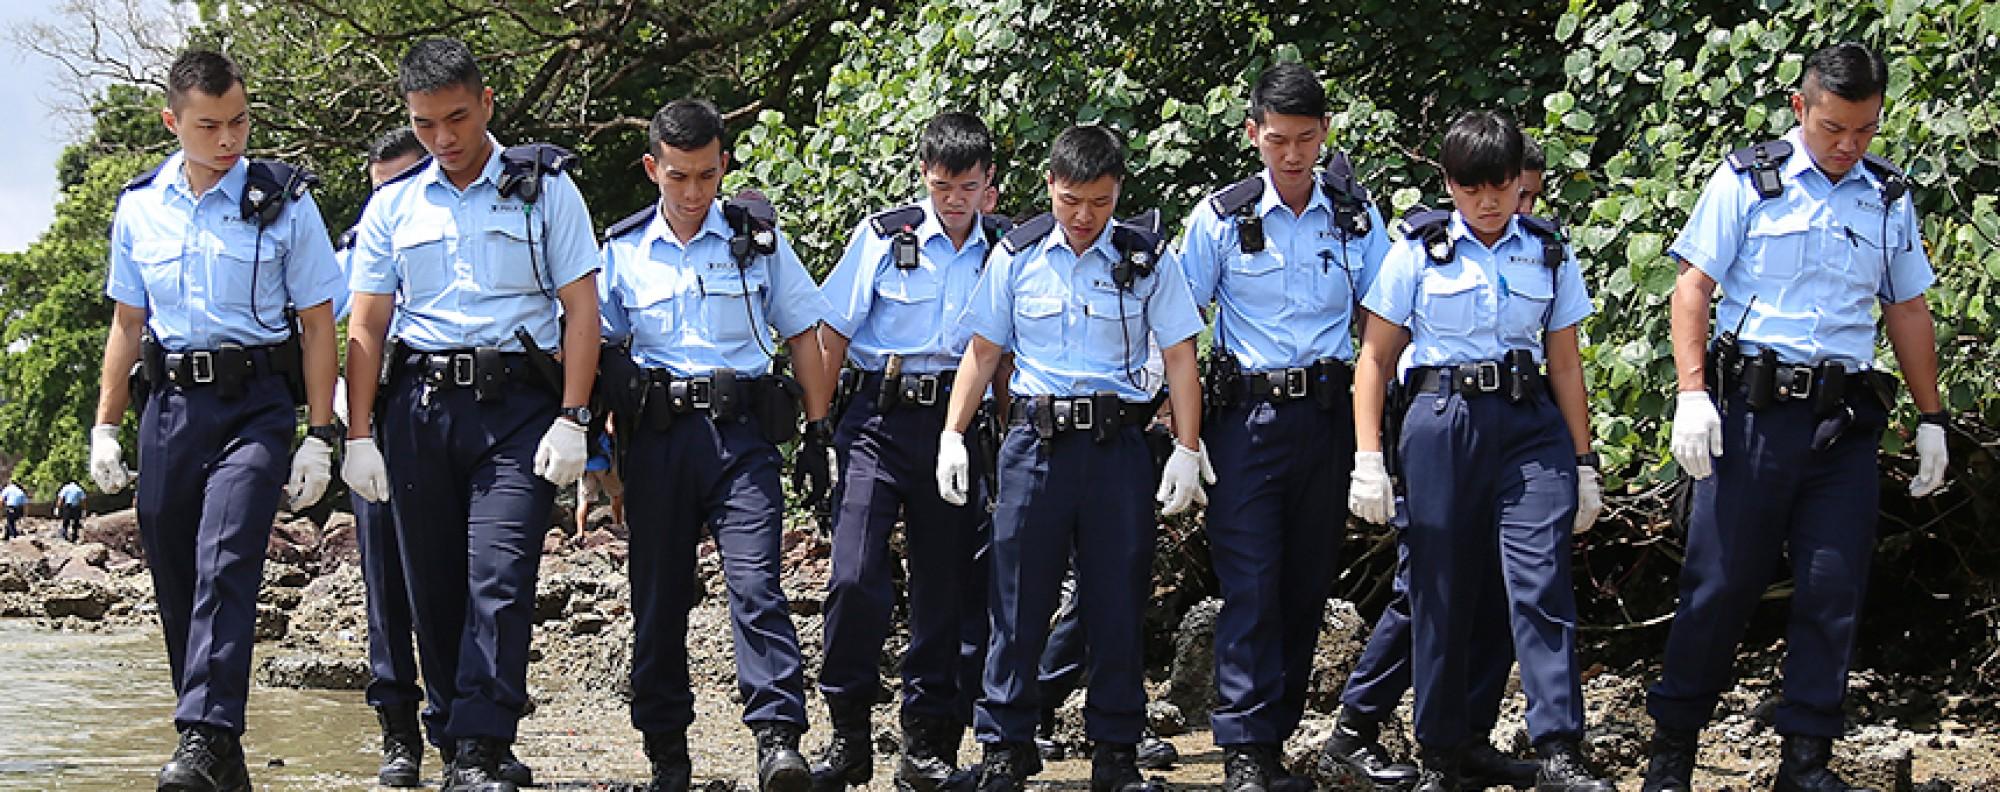 Hong Kong police | South China Morning Post